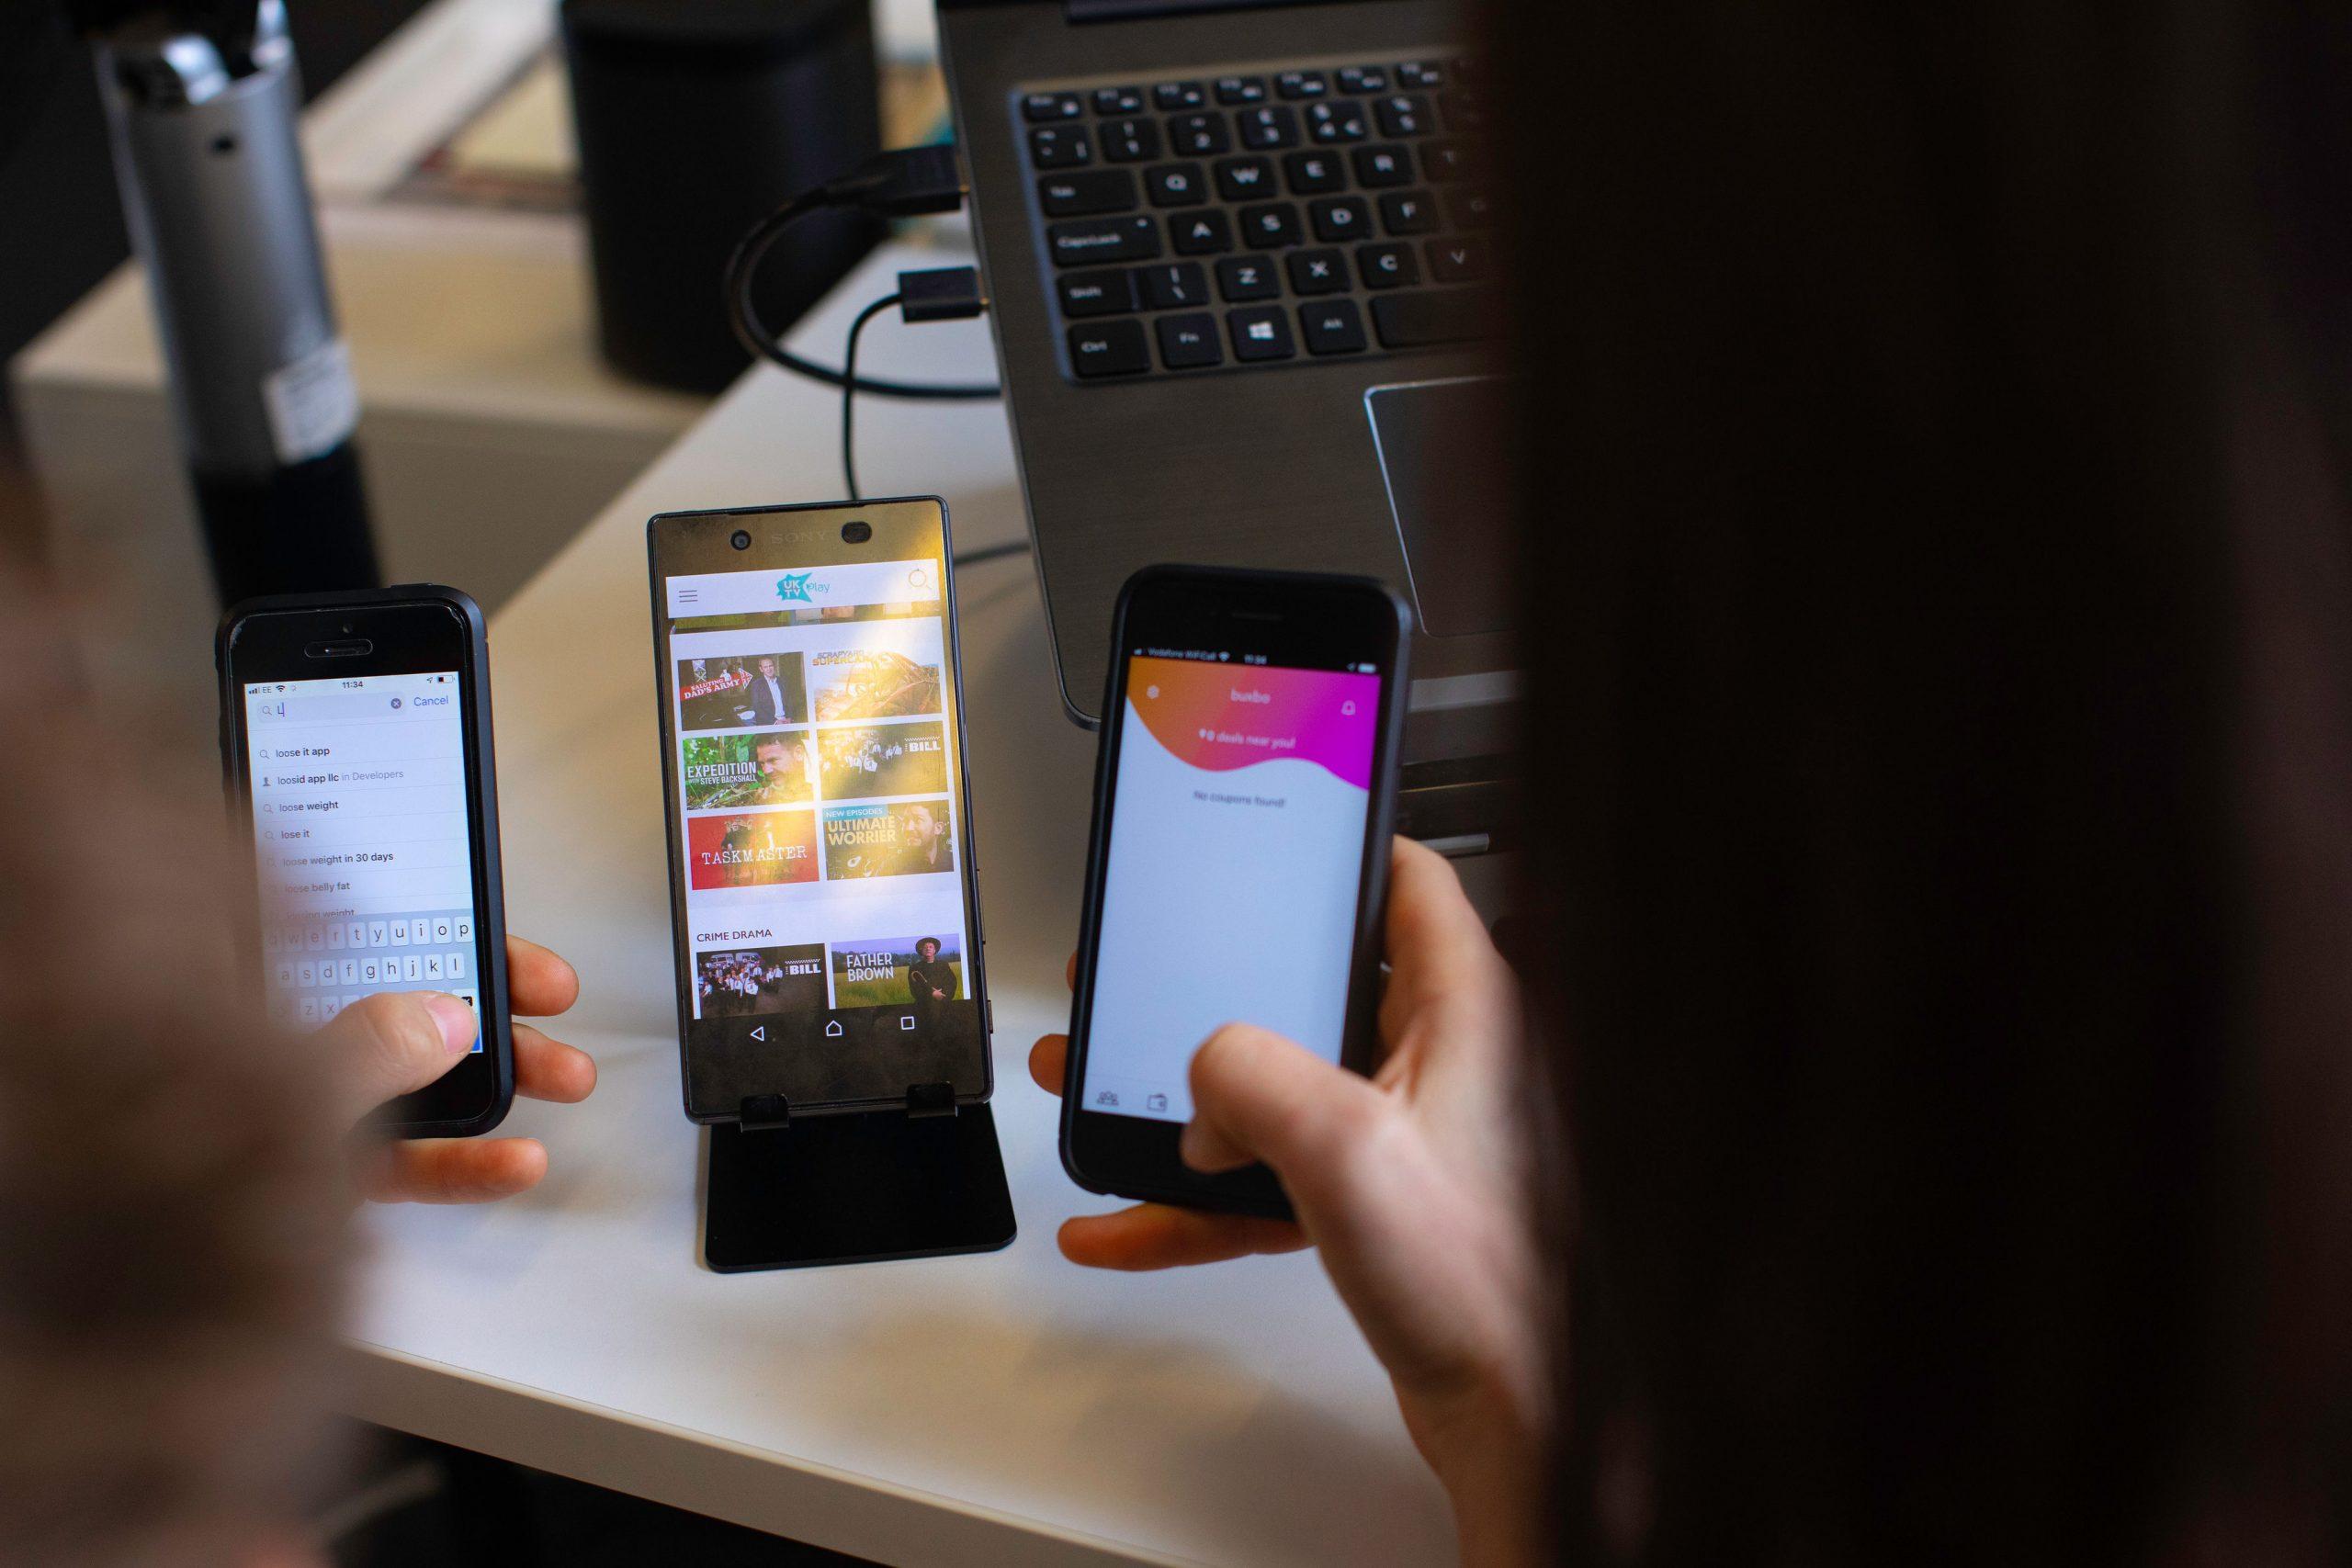 smartphones with app user journey